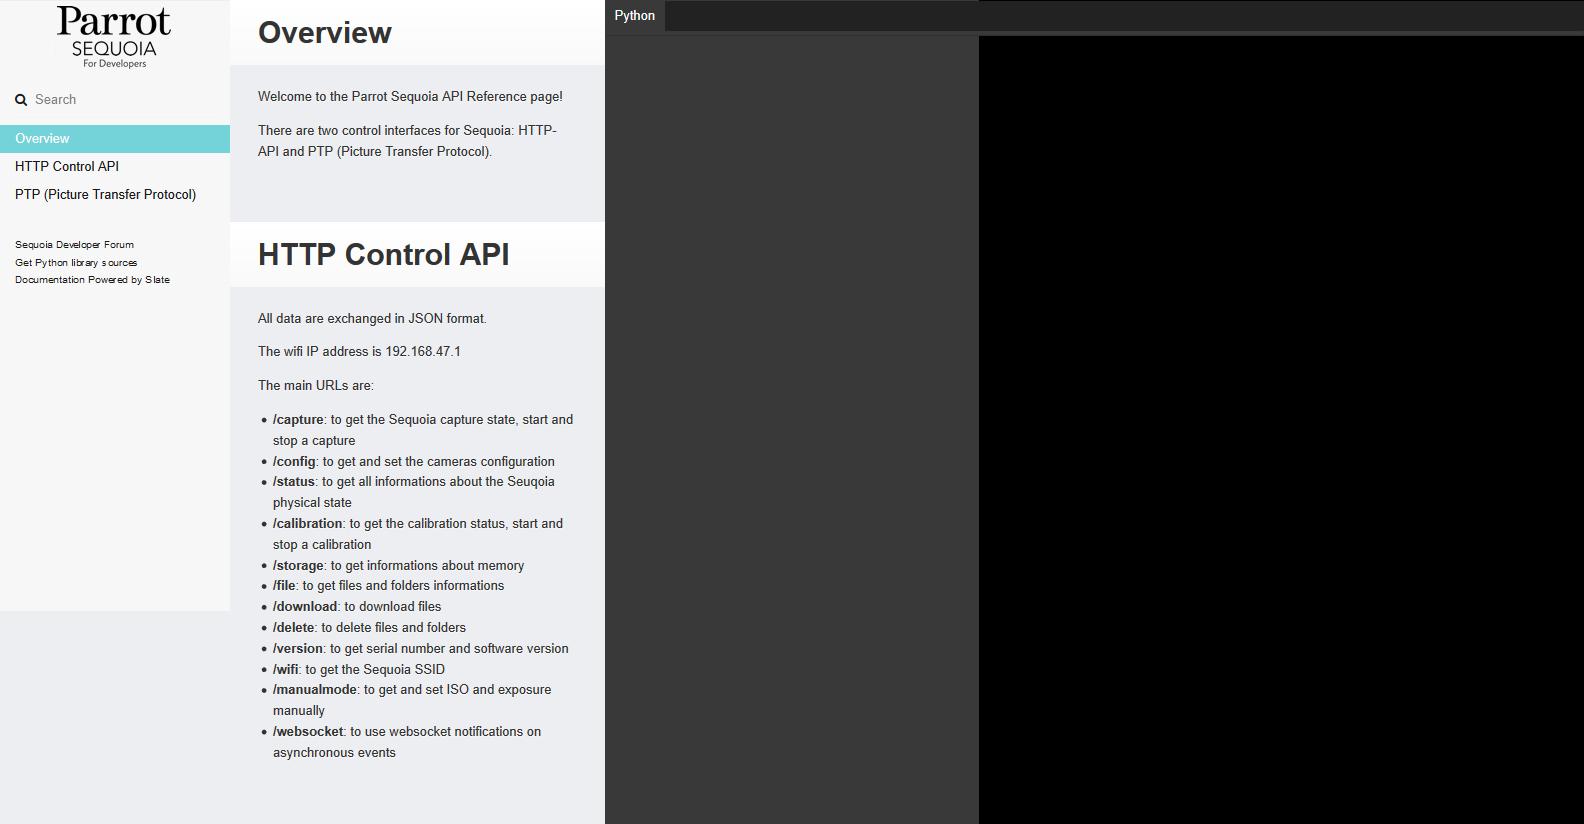 Parrot Sequoia API